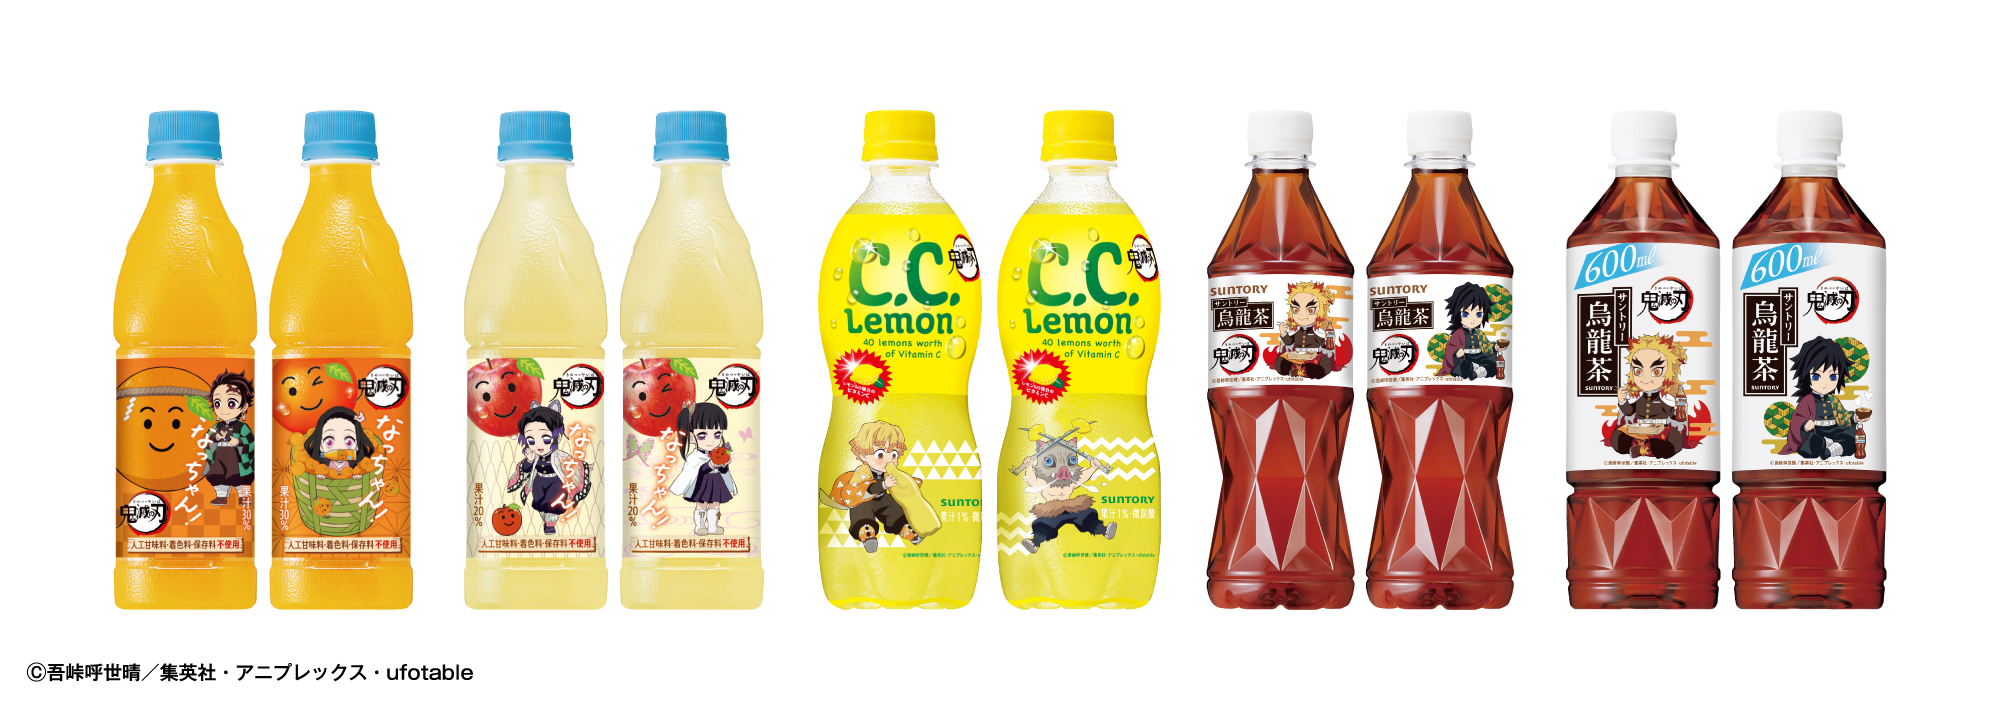 「鬼滅の刃×サントリー」コラボ決定!C.C.レモンをガブ飲みしようとする善逸がカワイ過ぎ